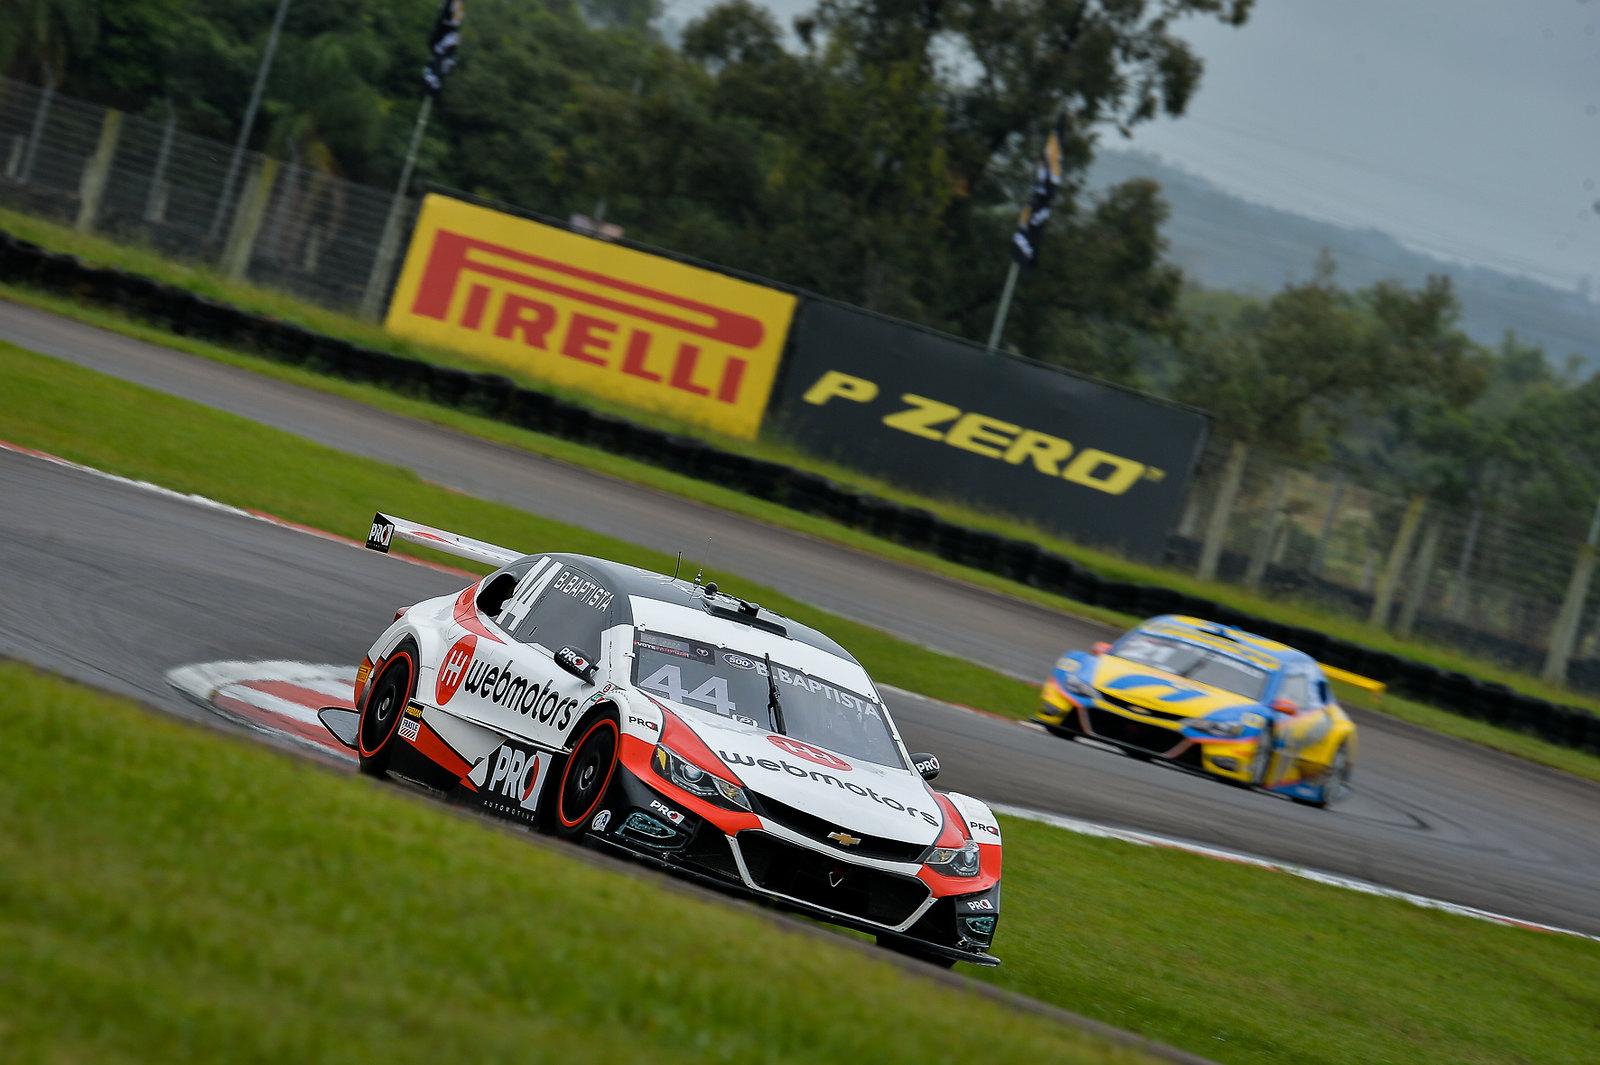 Bruno Baptista, da Webmotors Racing, somou os primeiros pontos no campeonato